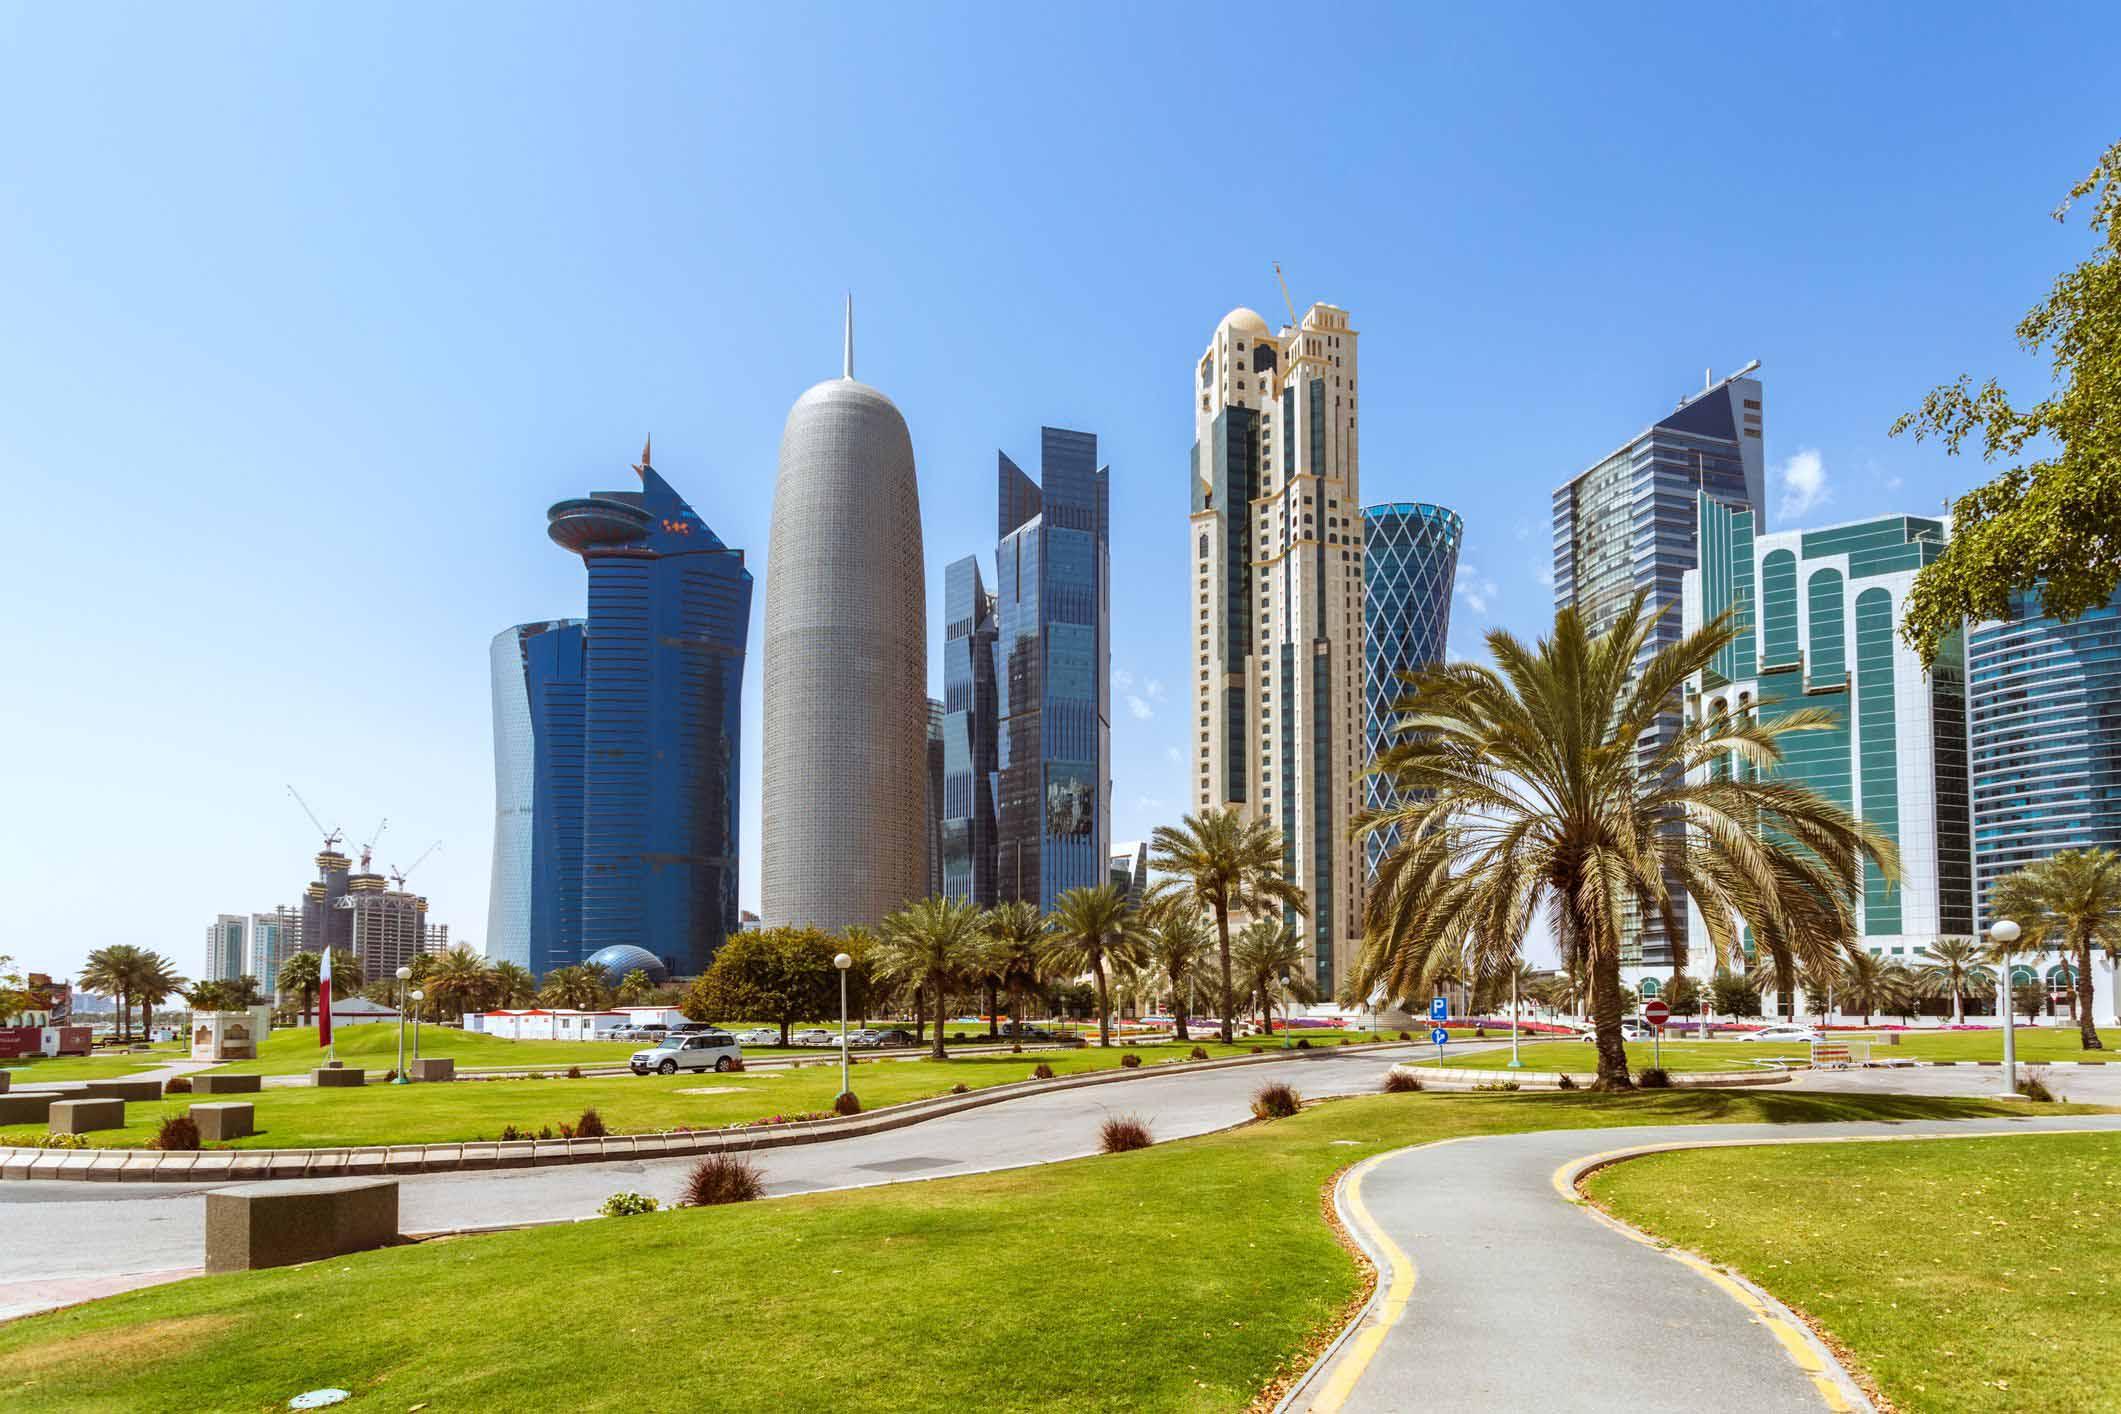 دوحه، یکی از بهترین شهرهای آسیا برای کار و زندگی